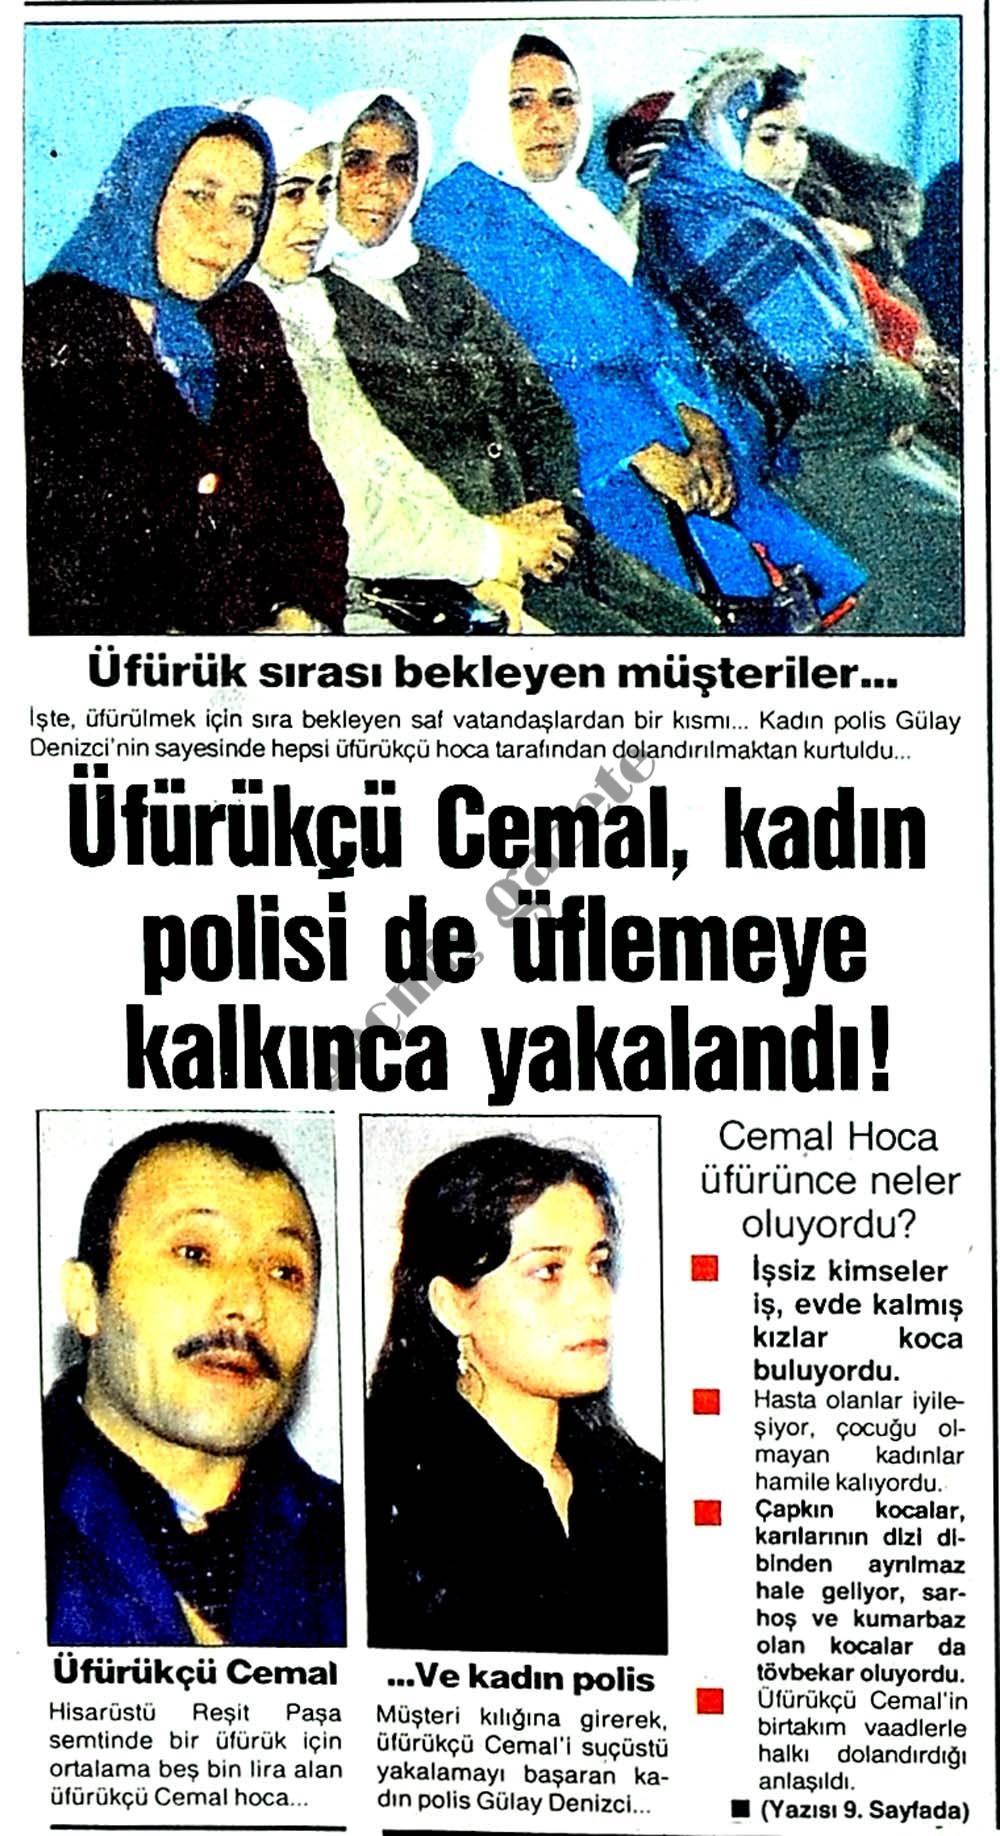 Üfürükçü Cemal, kadın polisi de üflemeye kalkınca yakalandı!